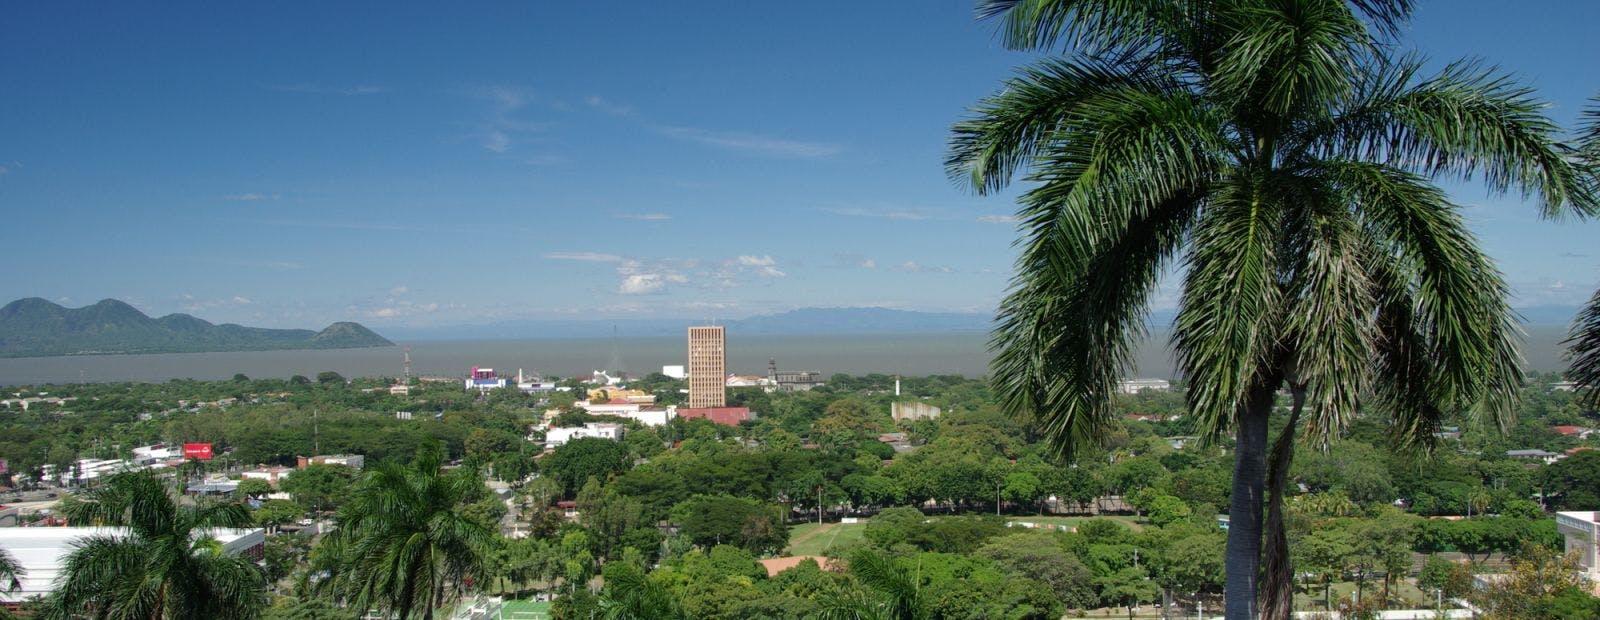 Picture of Managua